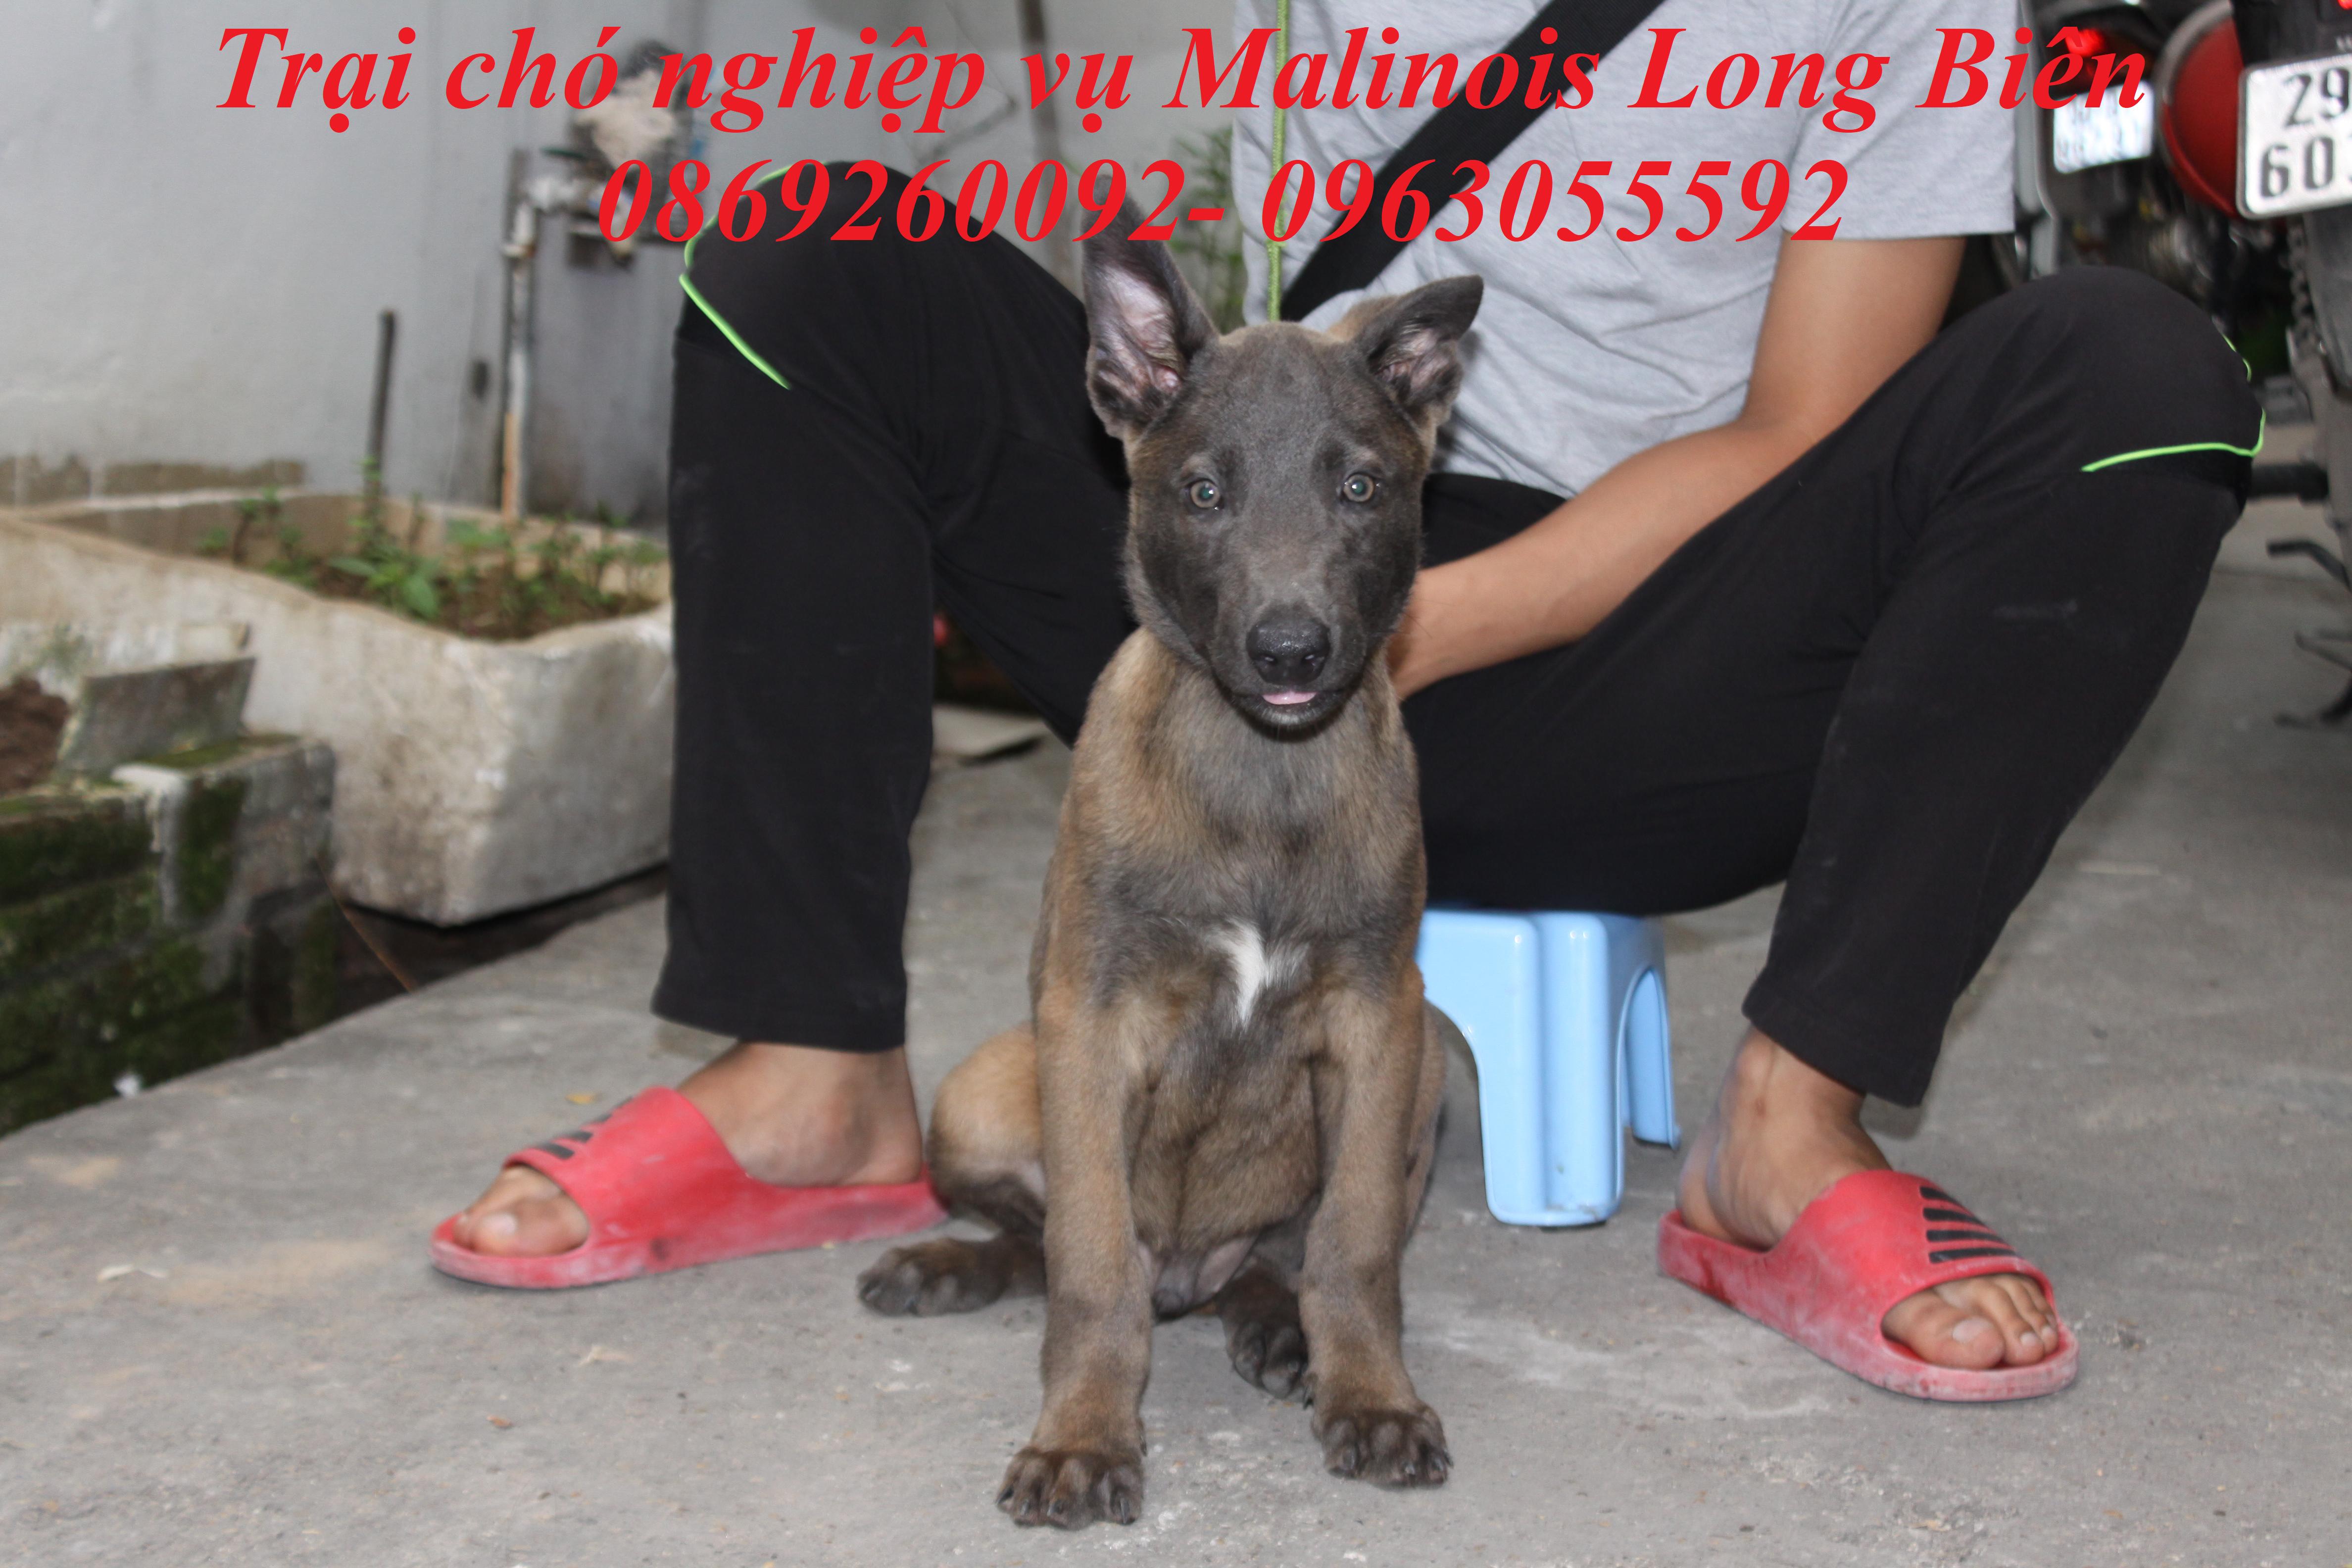 Cách huấn luyện chó tại trại chó Malinois Long Biên